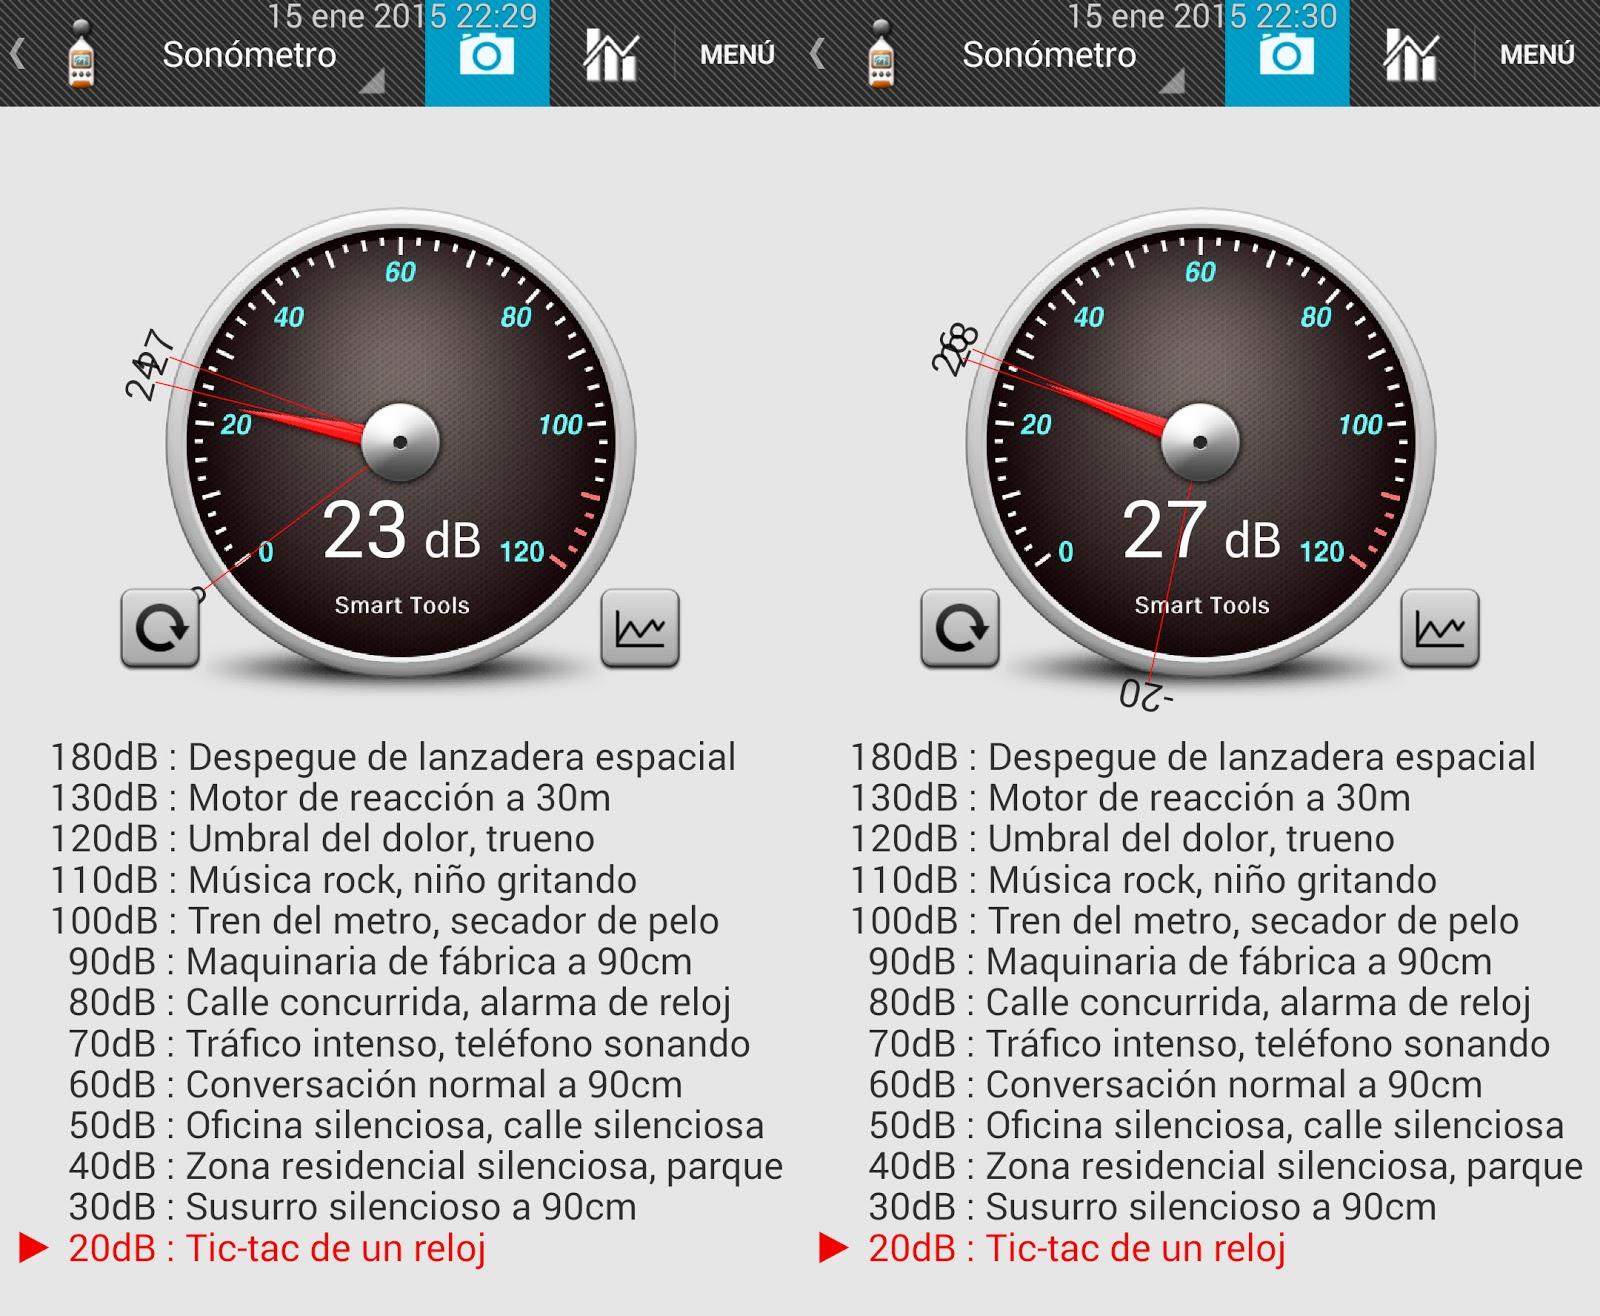 App sonómetro - PC apagado vs PC encendido